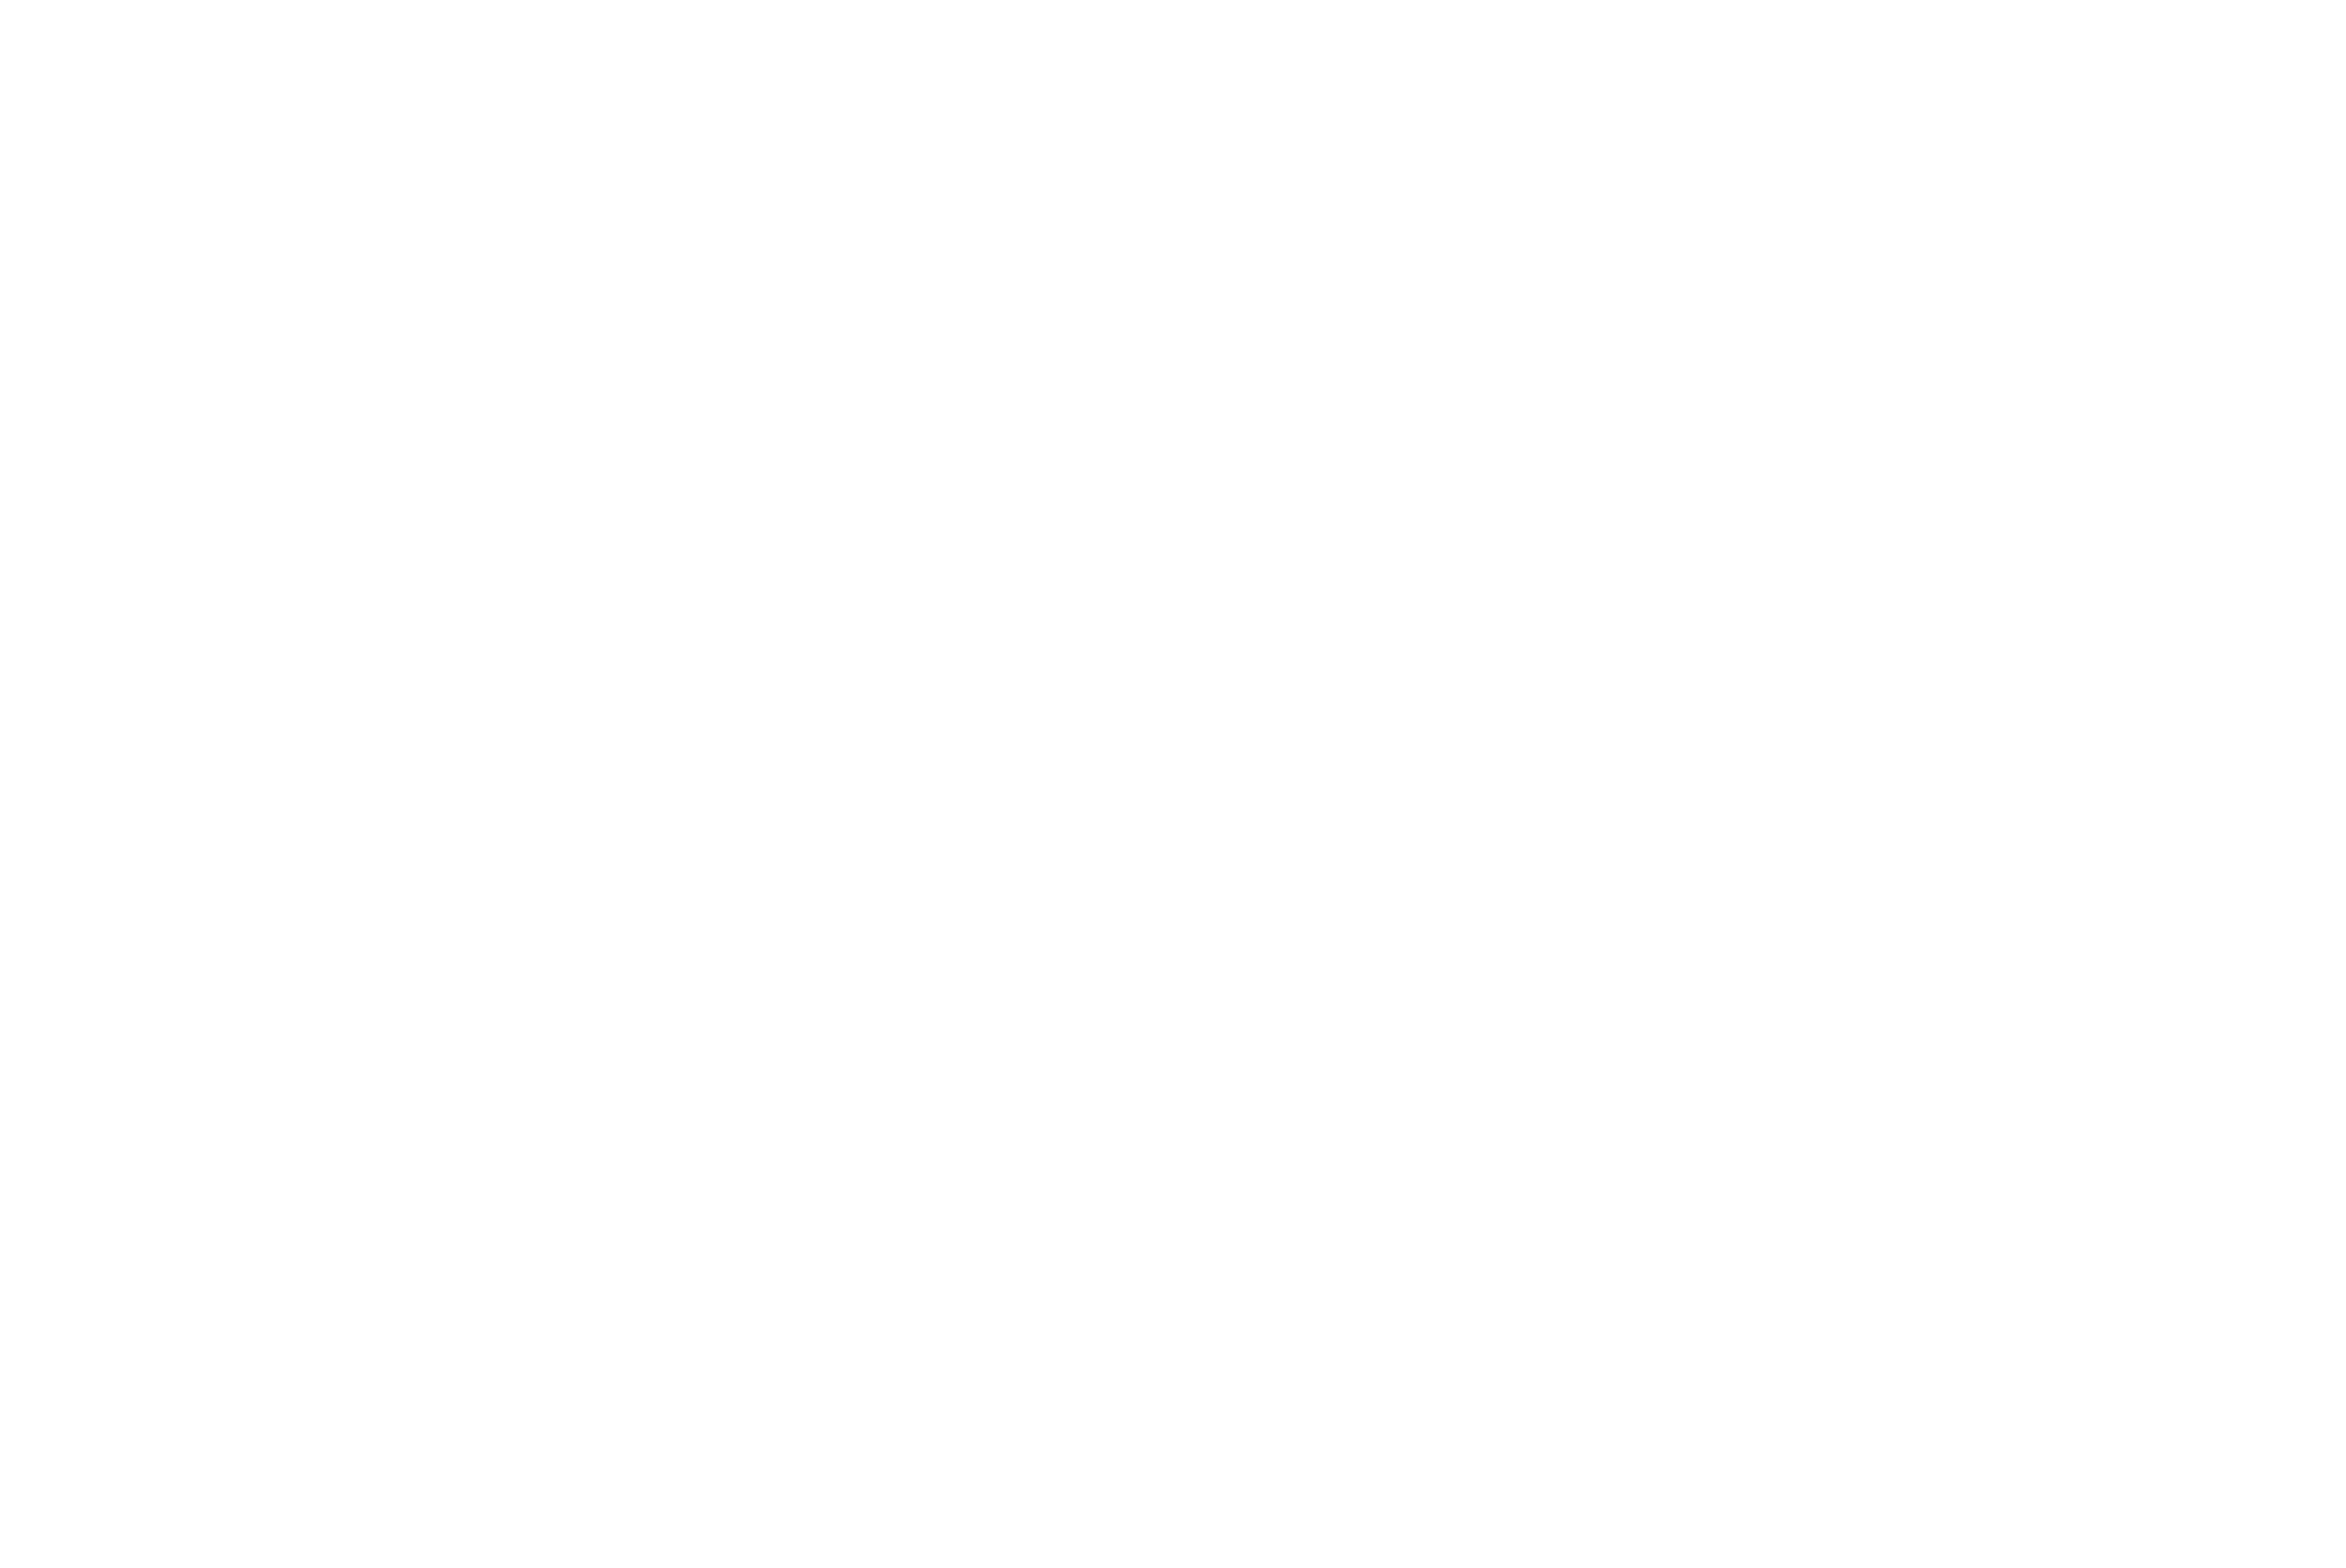 Axis White